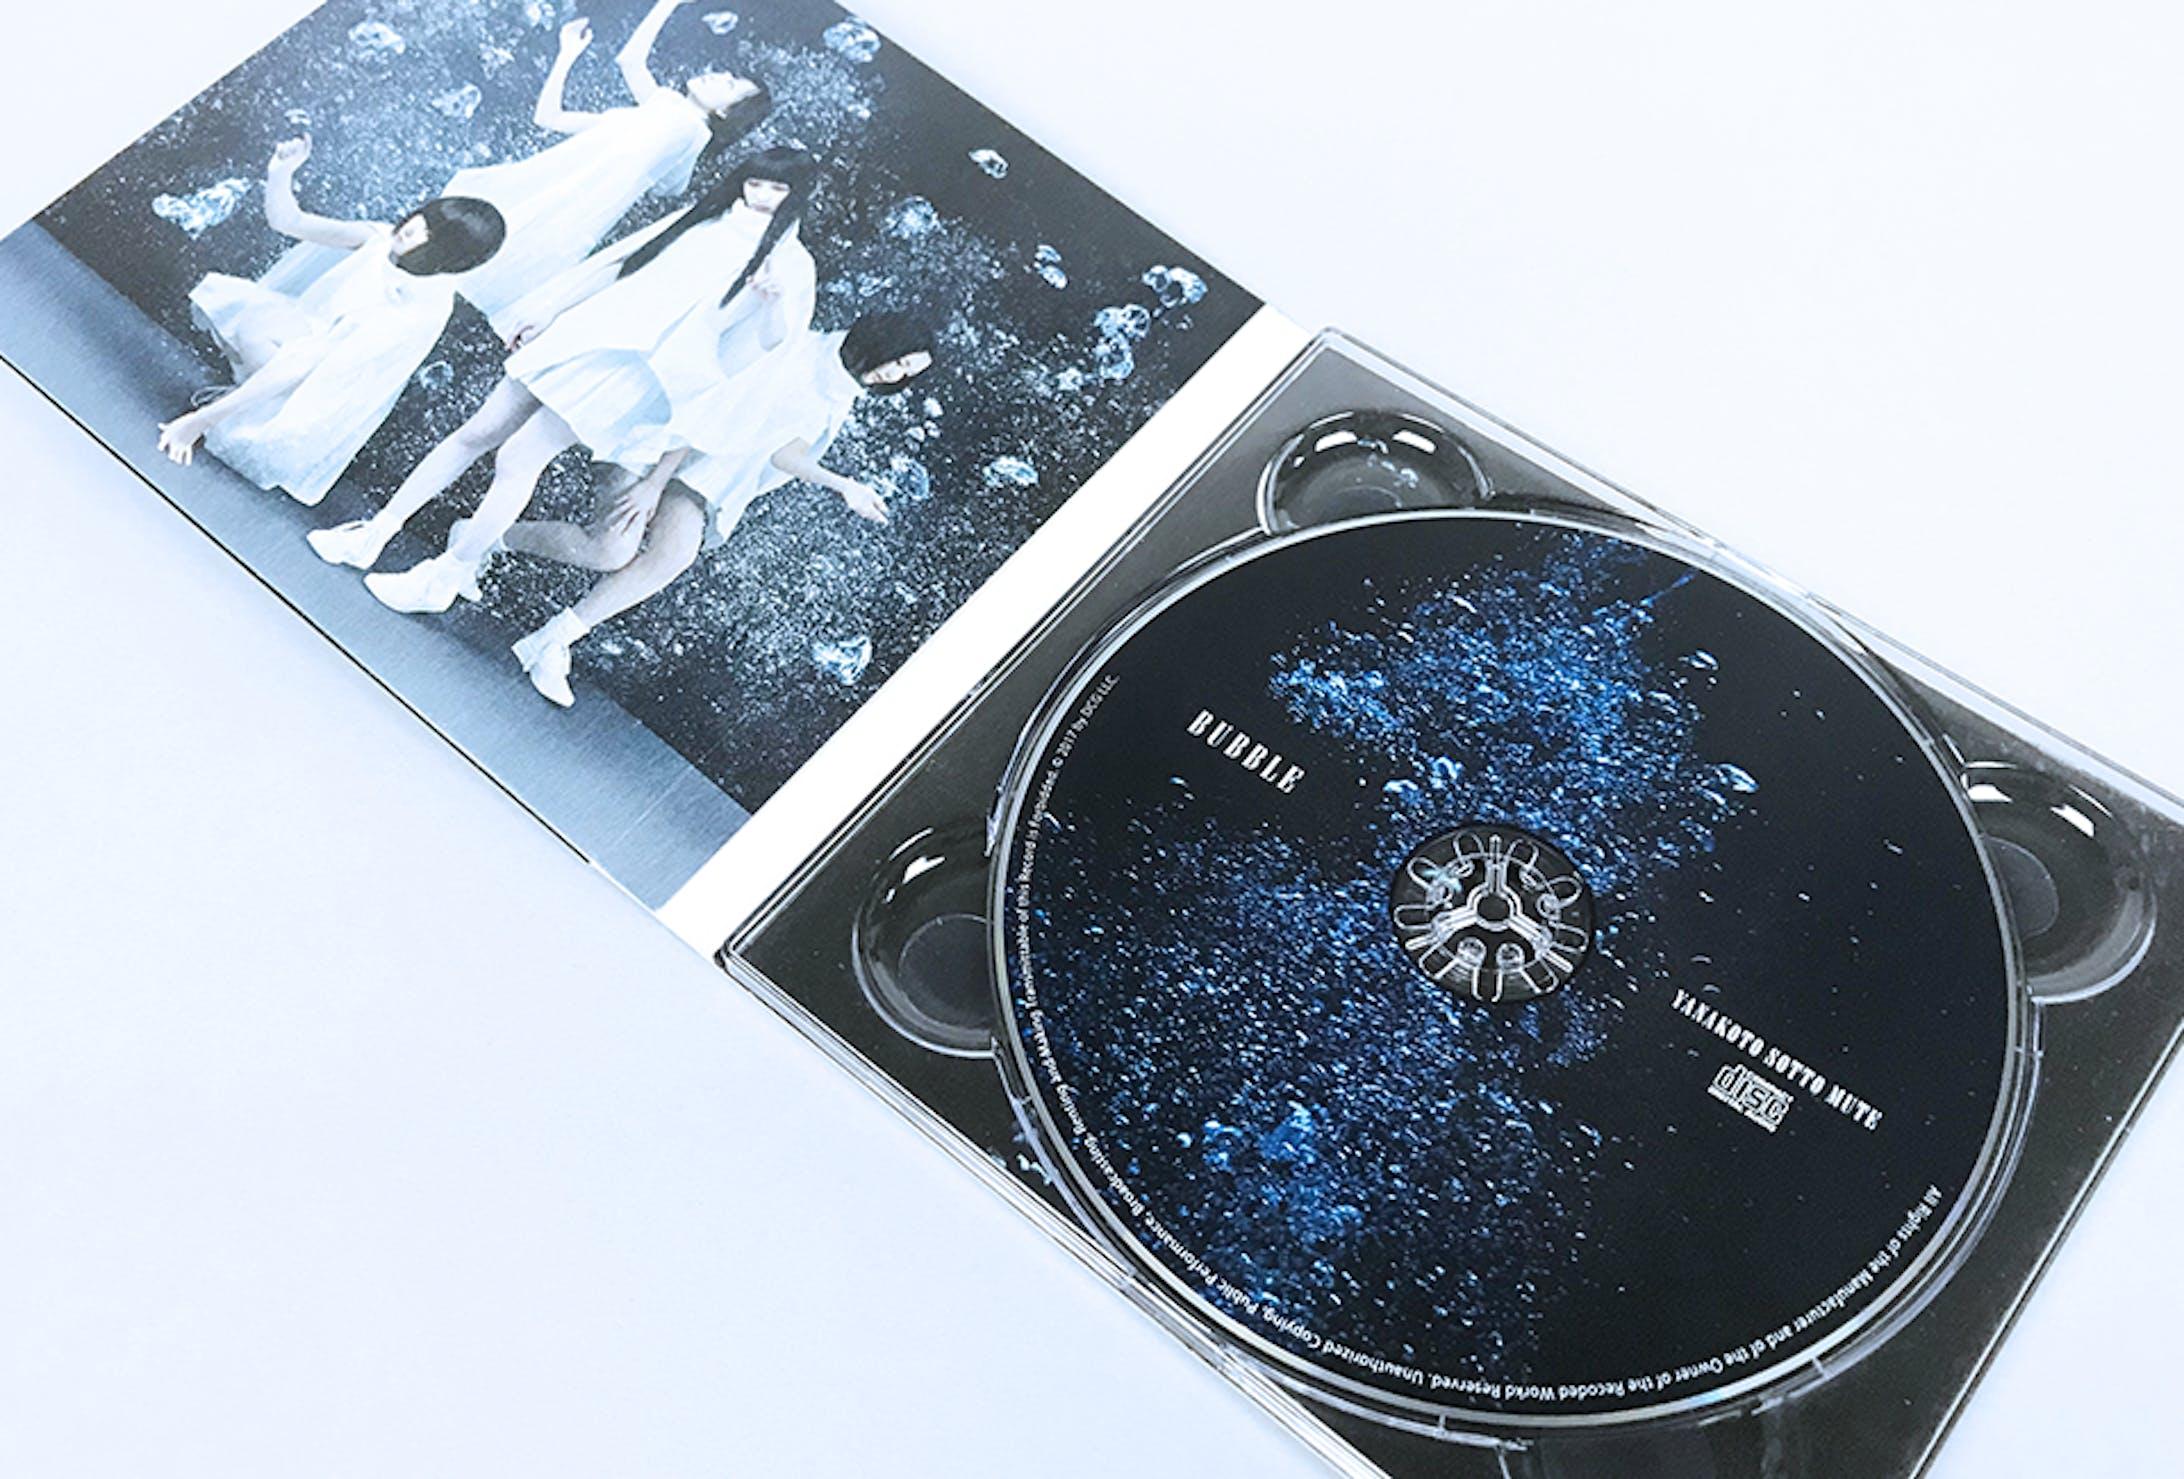 ヤなことそっとミュート 1st album BUBBLE-2